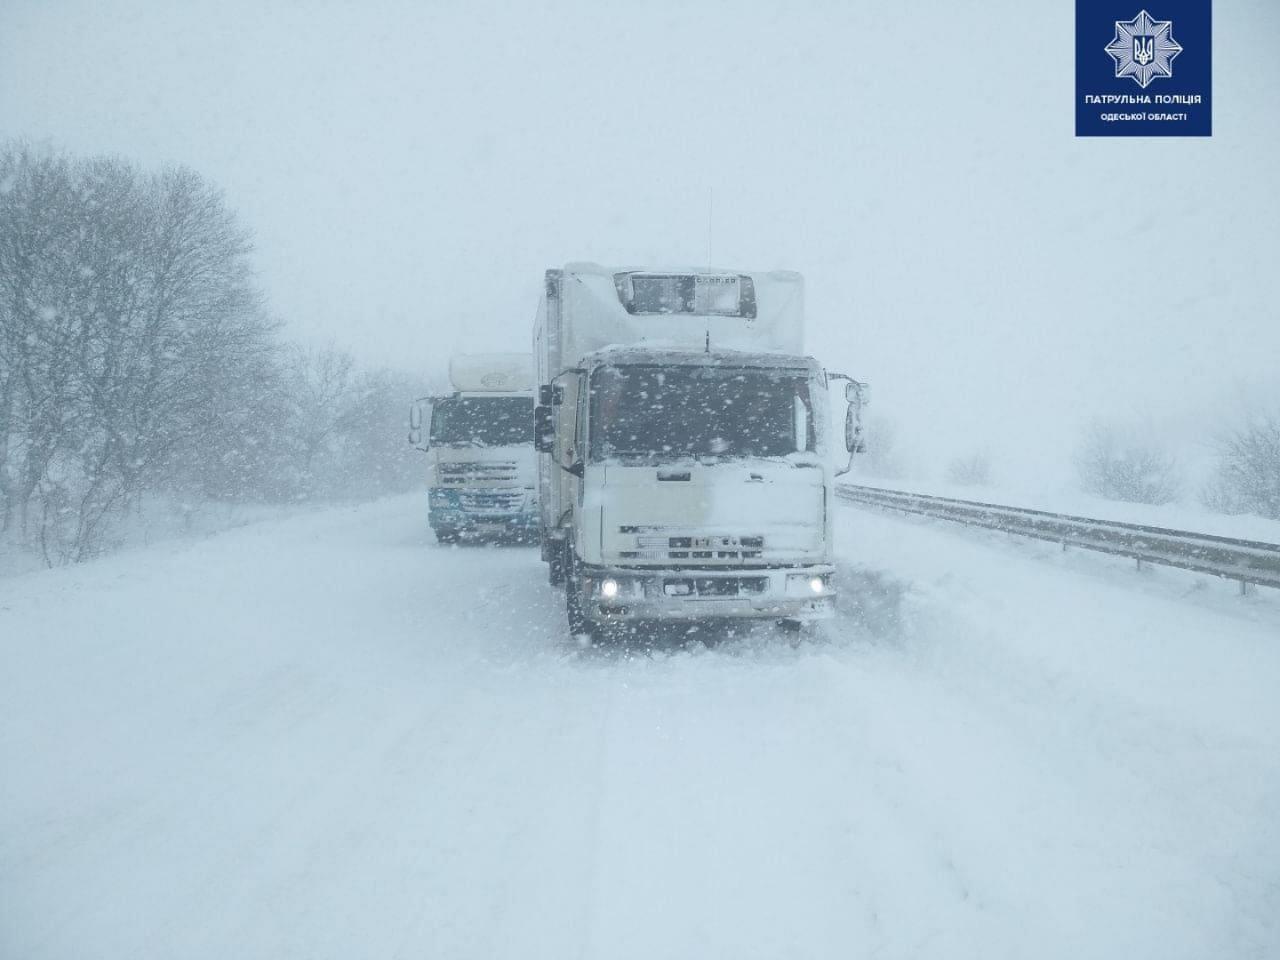 Из-за непогоды временно закрыли часть трассы Одесса-Киев, фото-1